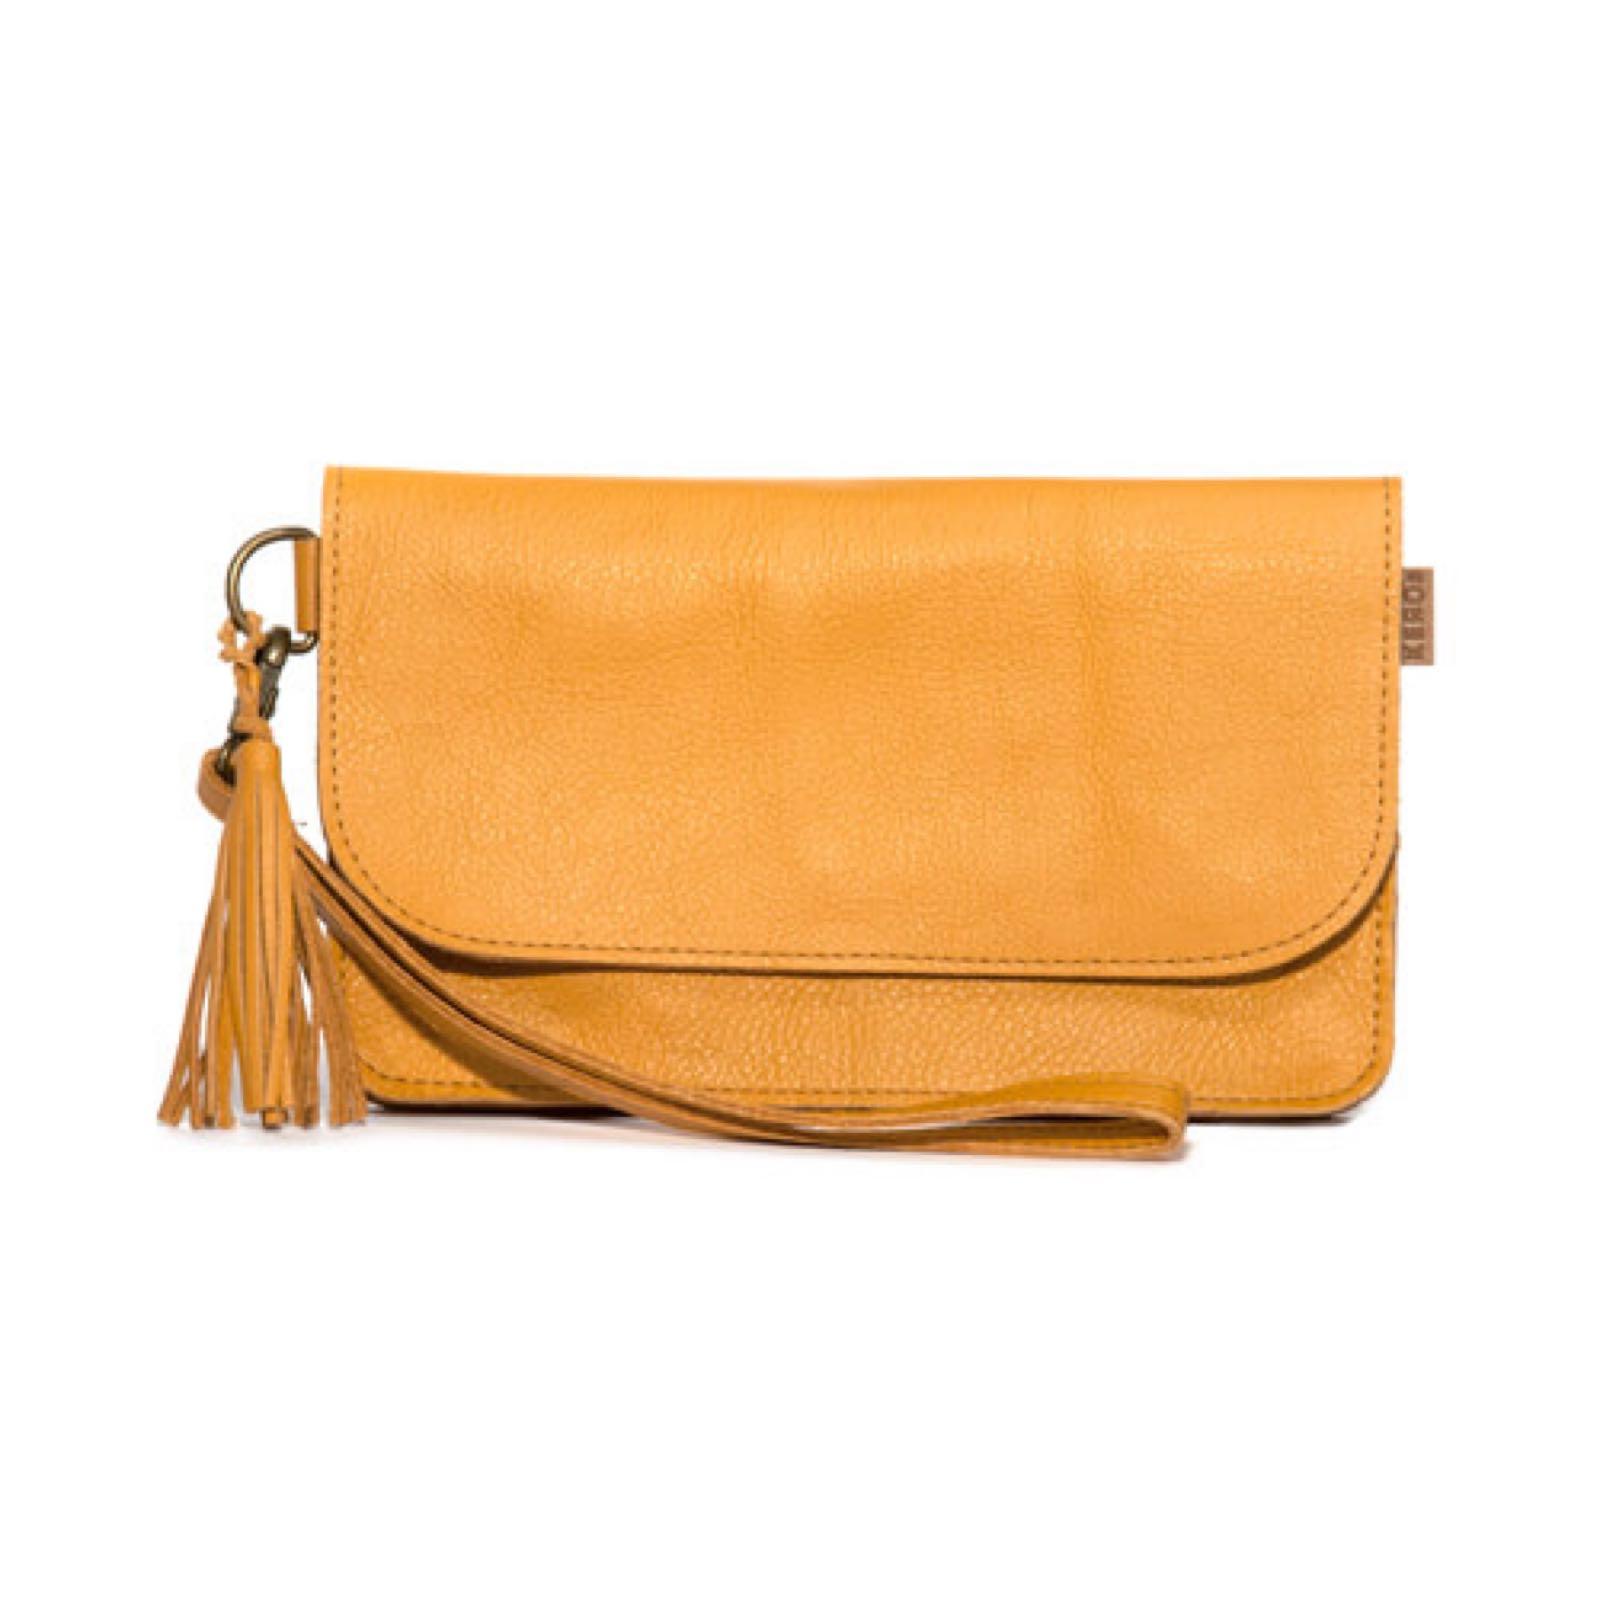 Berta 1980 Vintage bag